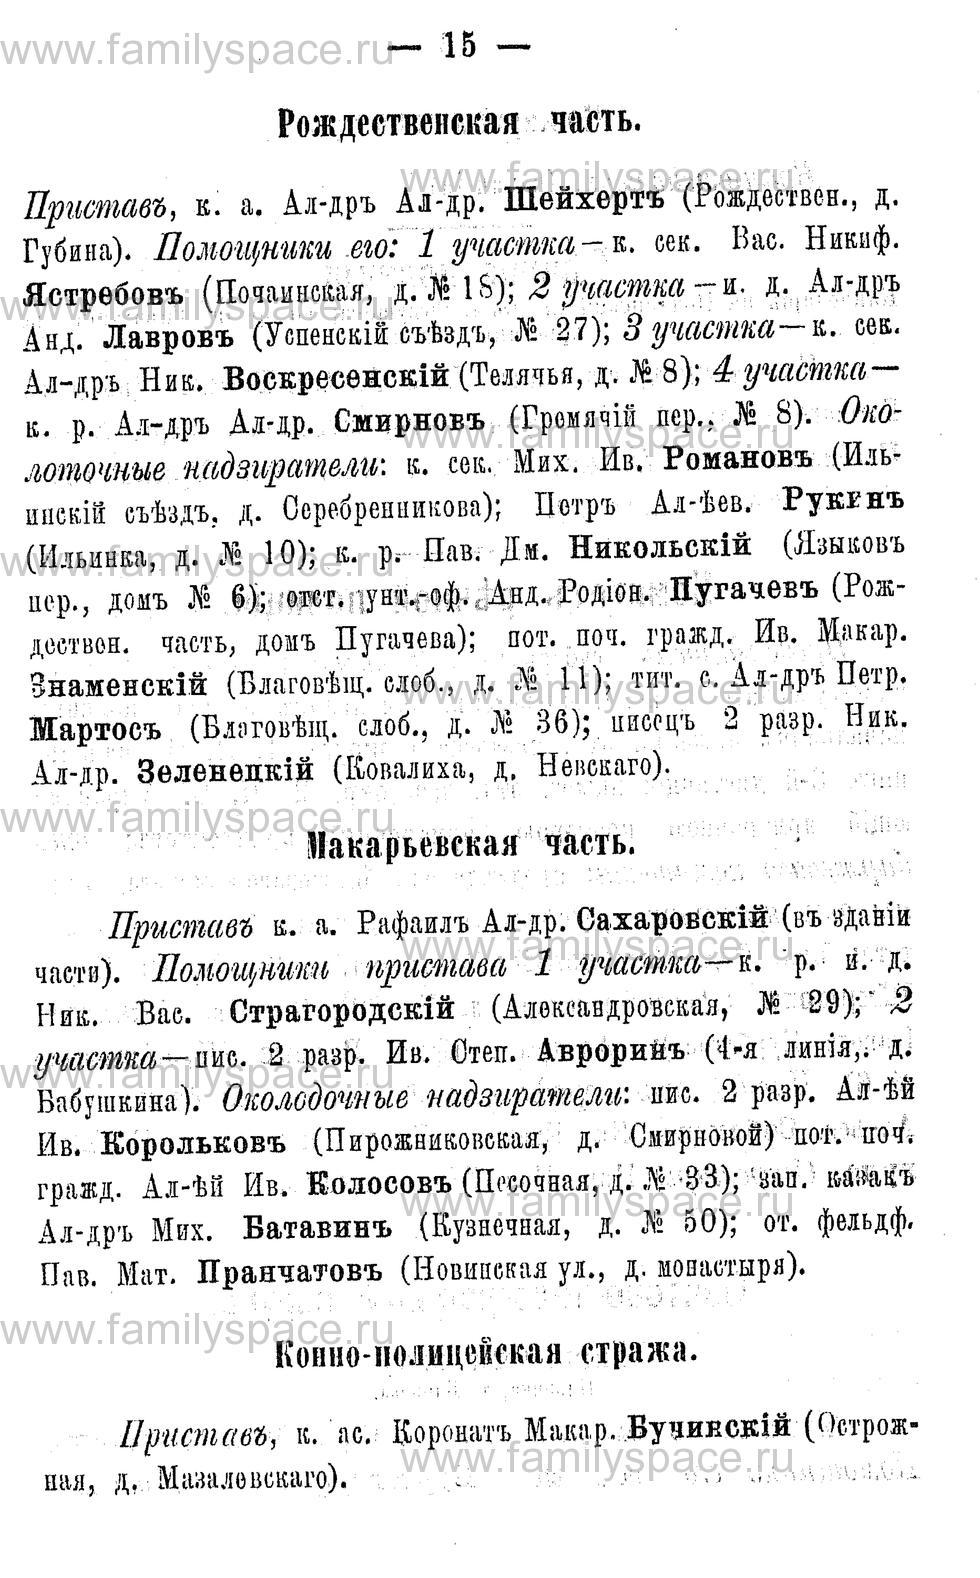 Поиск по фамилии - Адрес-календарь Нижегородской губернии на 1891 год, страница 15